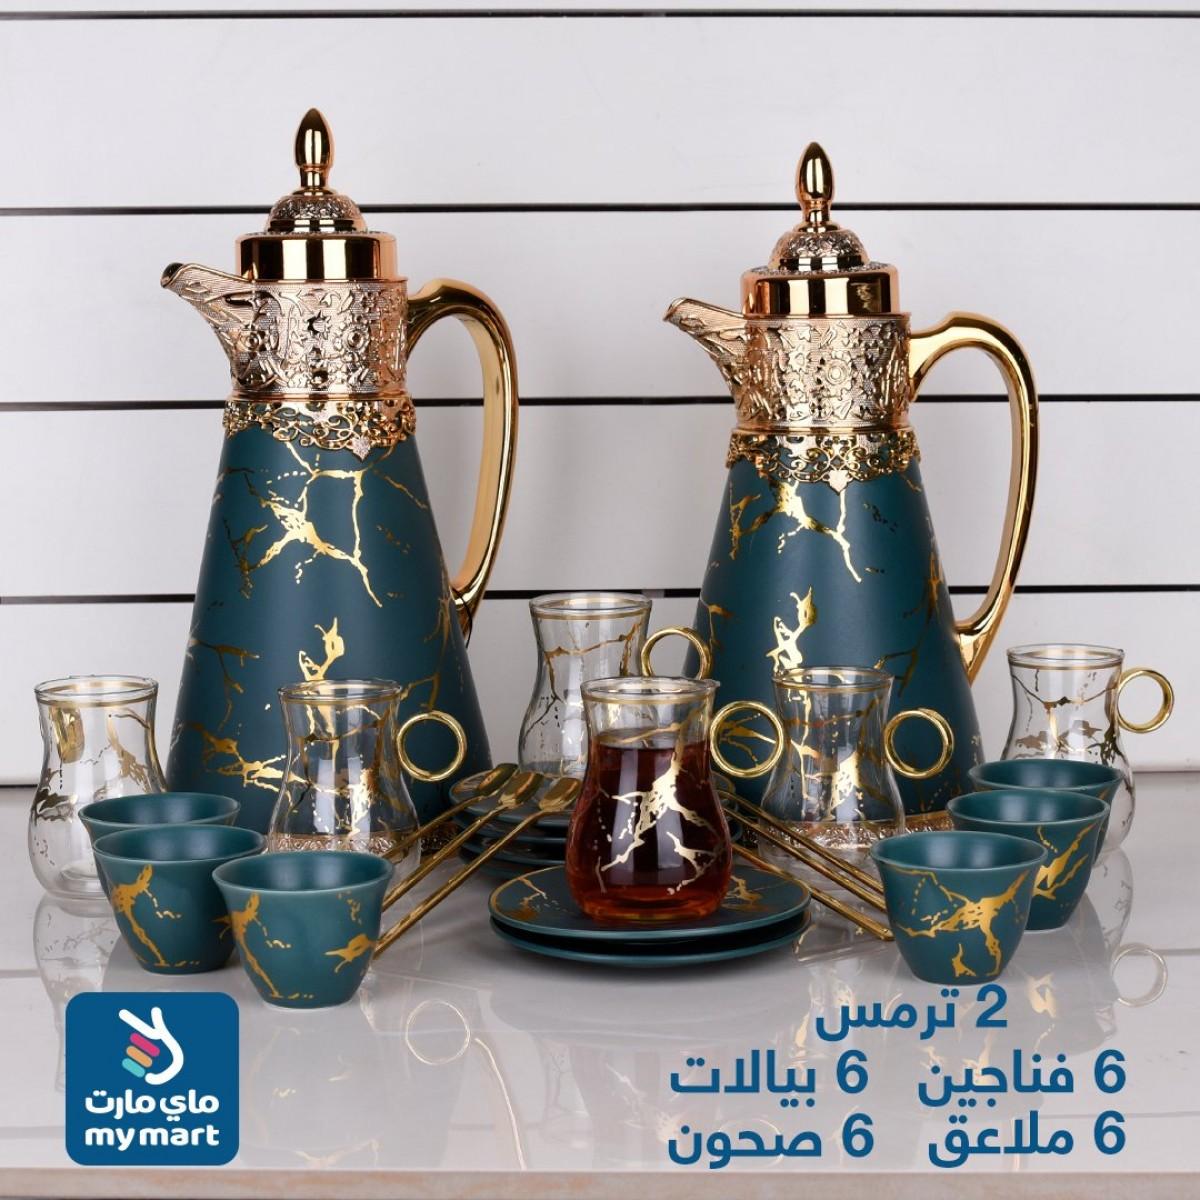 طقم شاي وقهوة 26 قطعة رقم 020332